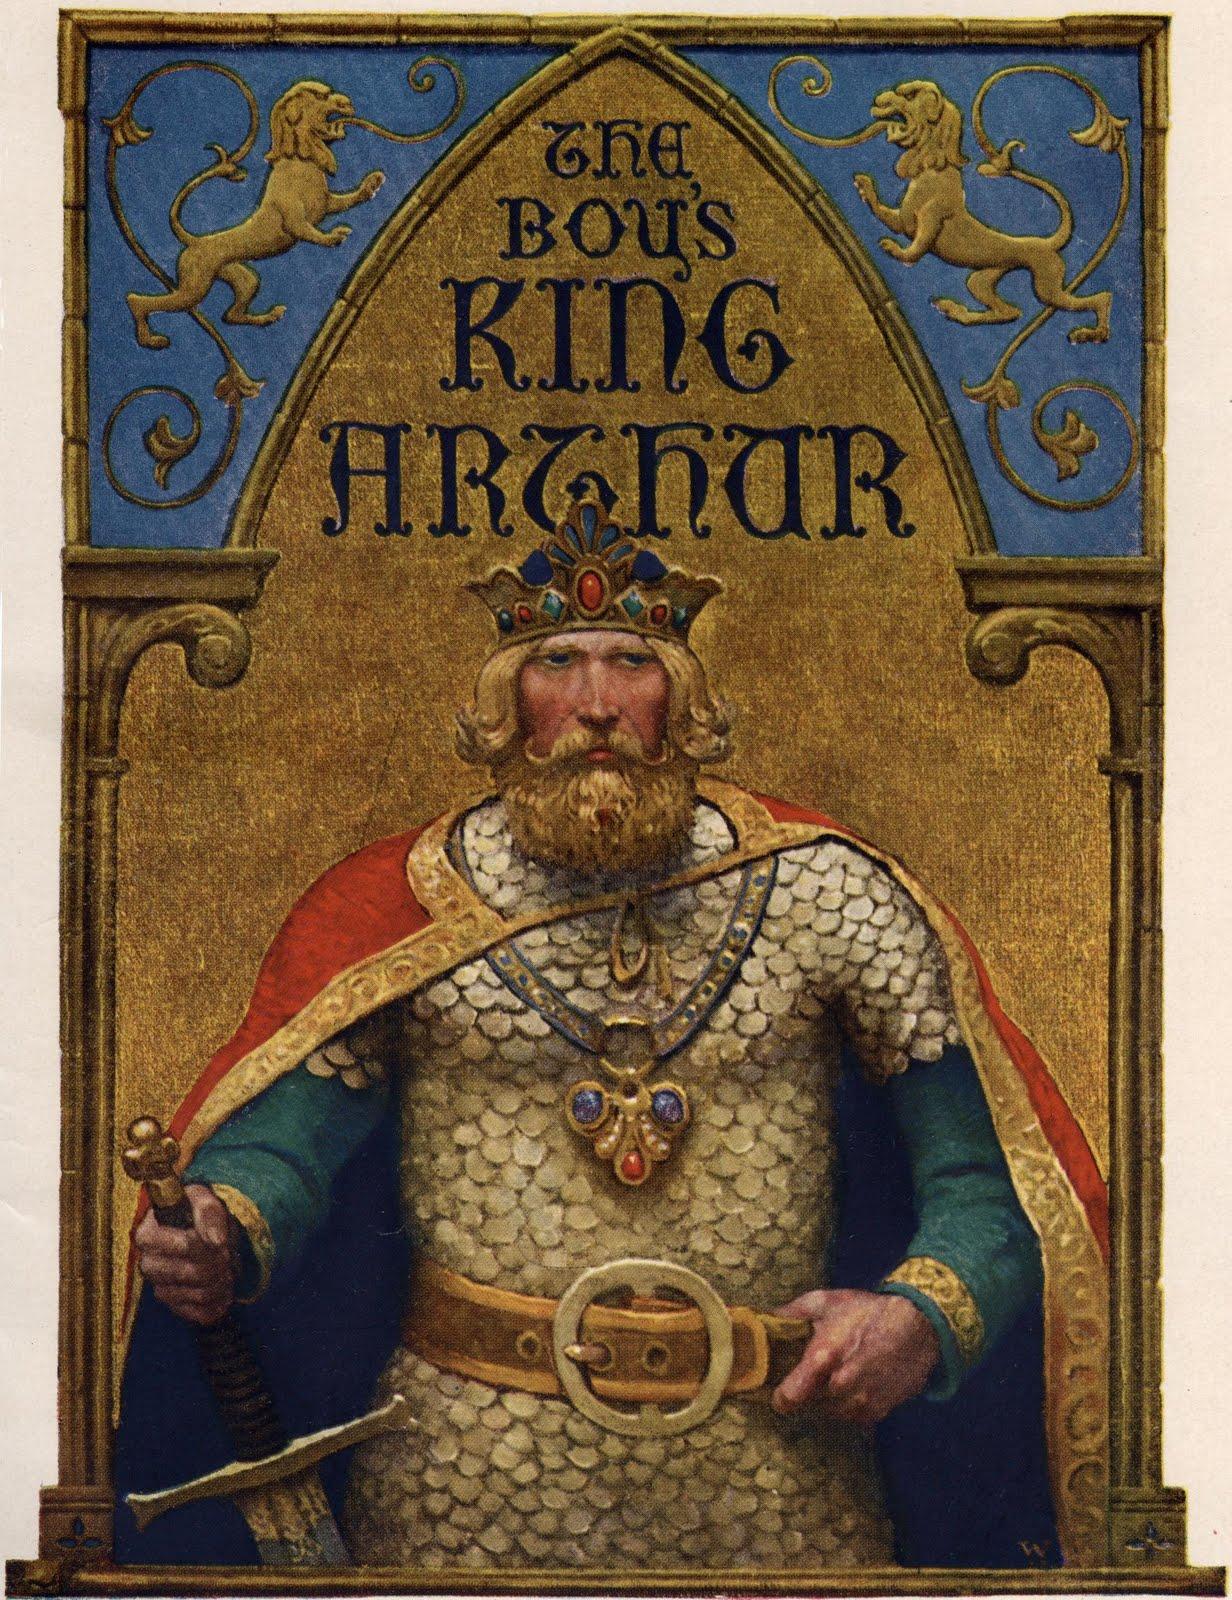 http://1.bp.blogspot.com/_ZMvBuP9rJwc/S83rz4aKjSI/AAAAAAAAAJE/BbyLXIG7RF4/s1600/Boys_King_Arthur_-_N._C._Wyeth_-_title_page.jpg